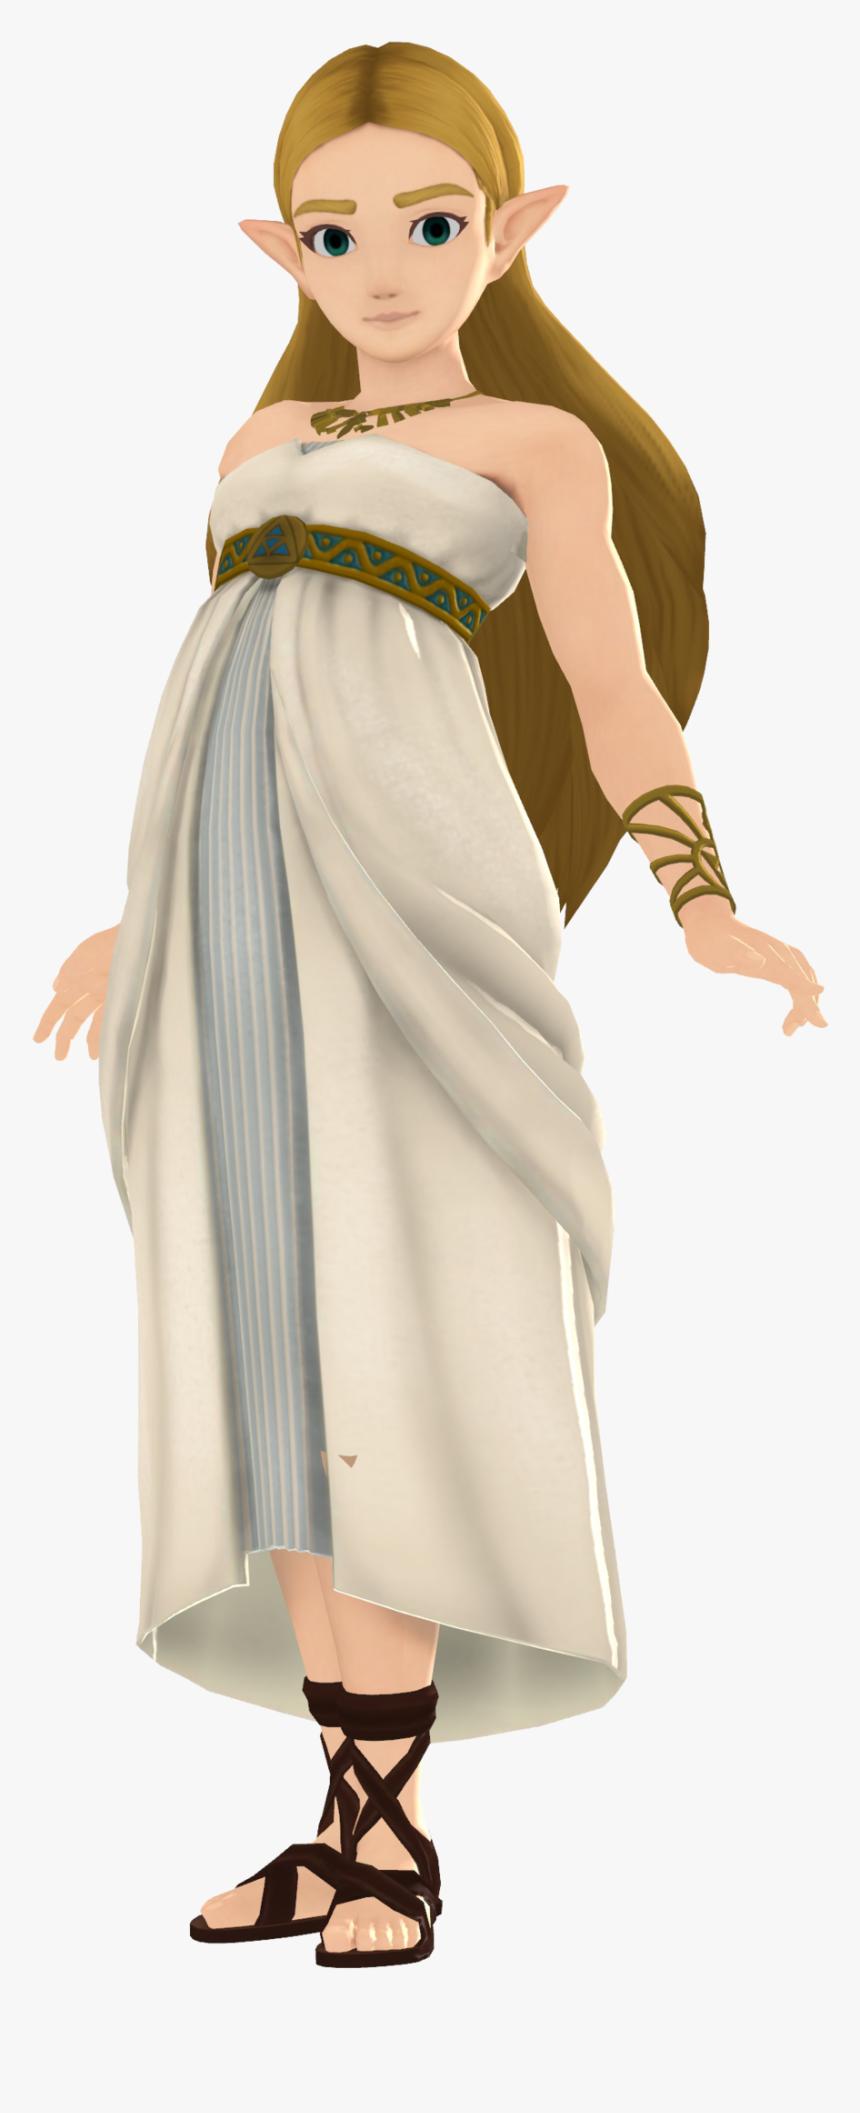 Princess Zelda Botw Render By Emma Zelda2 Dbhdr1e Zelda